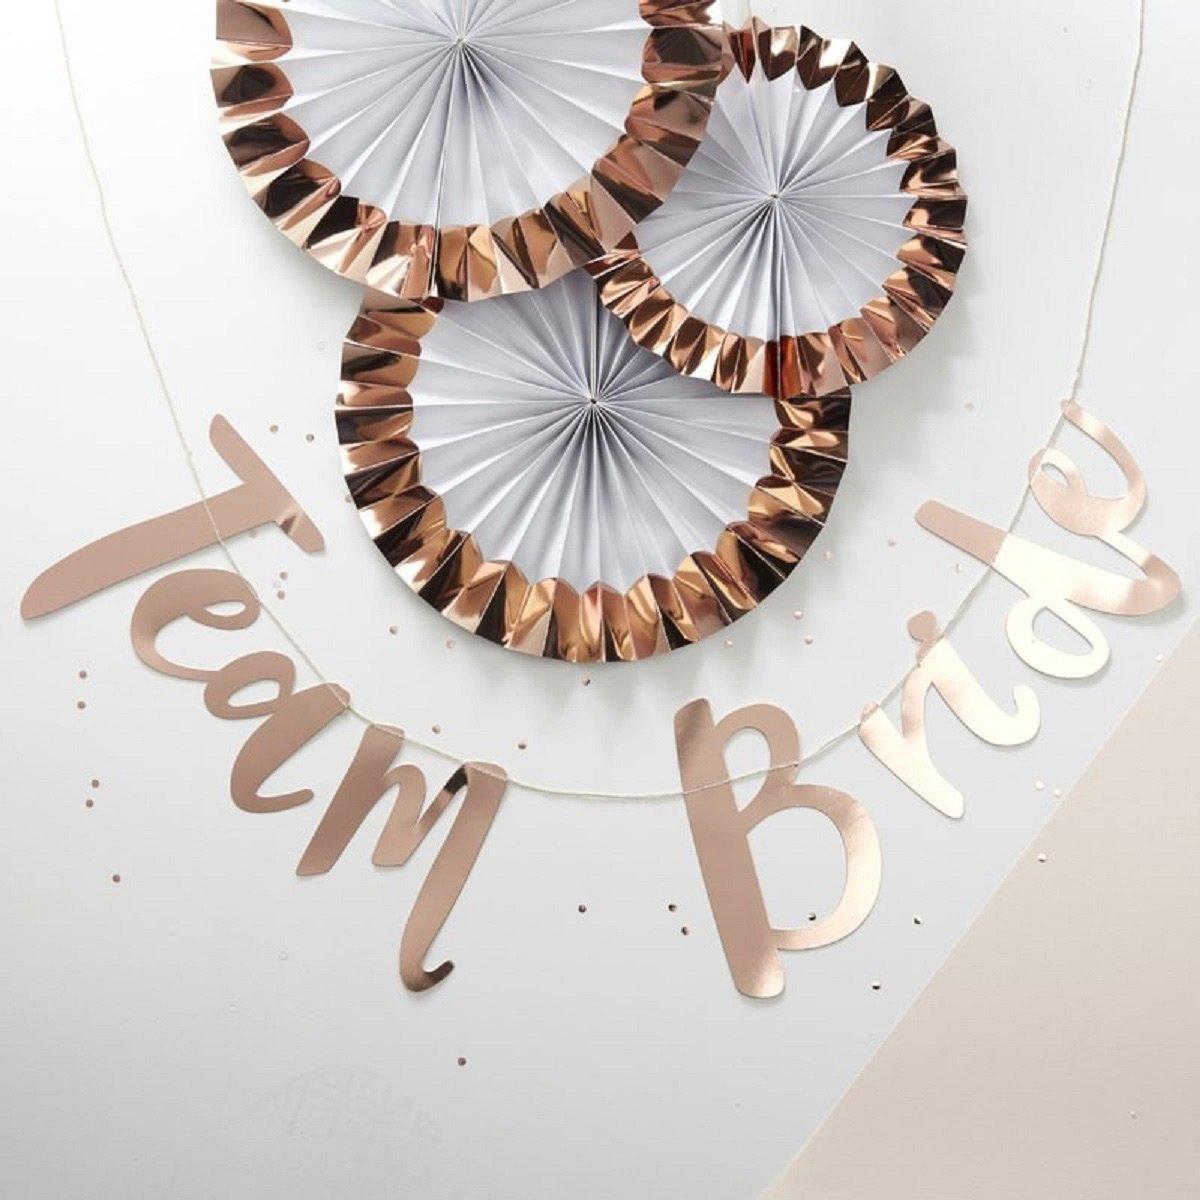 Girlande Team Bride: Die perfekten Accessoires für euren Junggesellinnenabschied / JGA